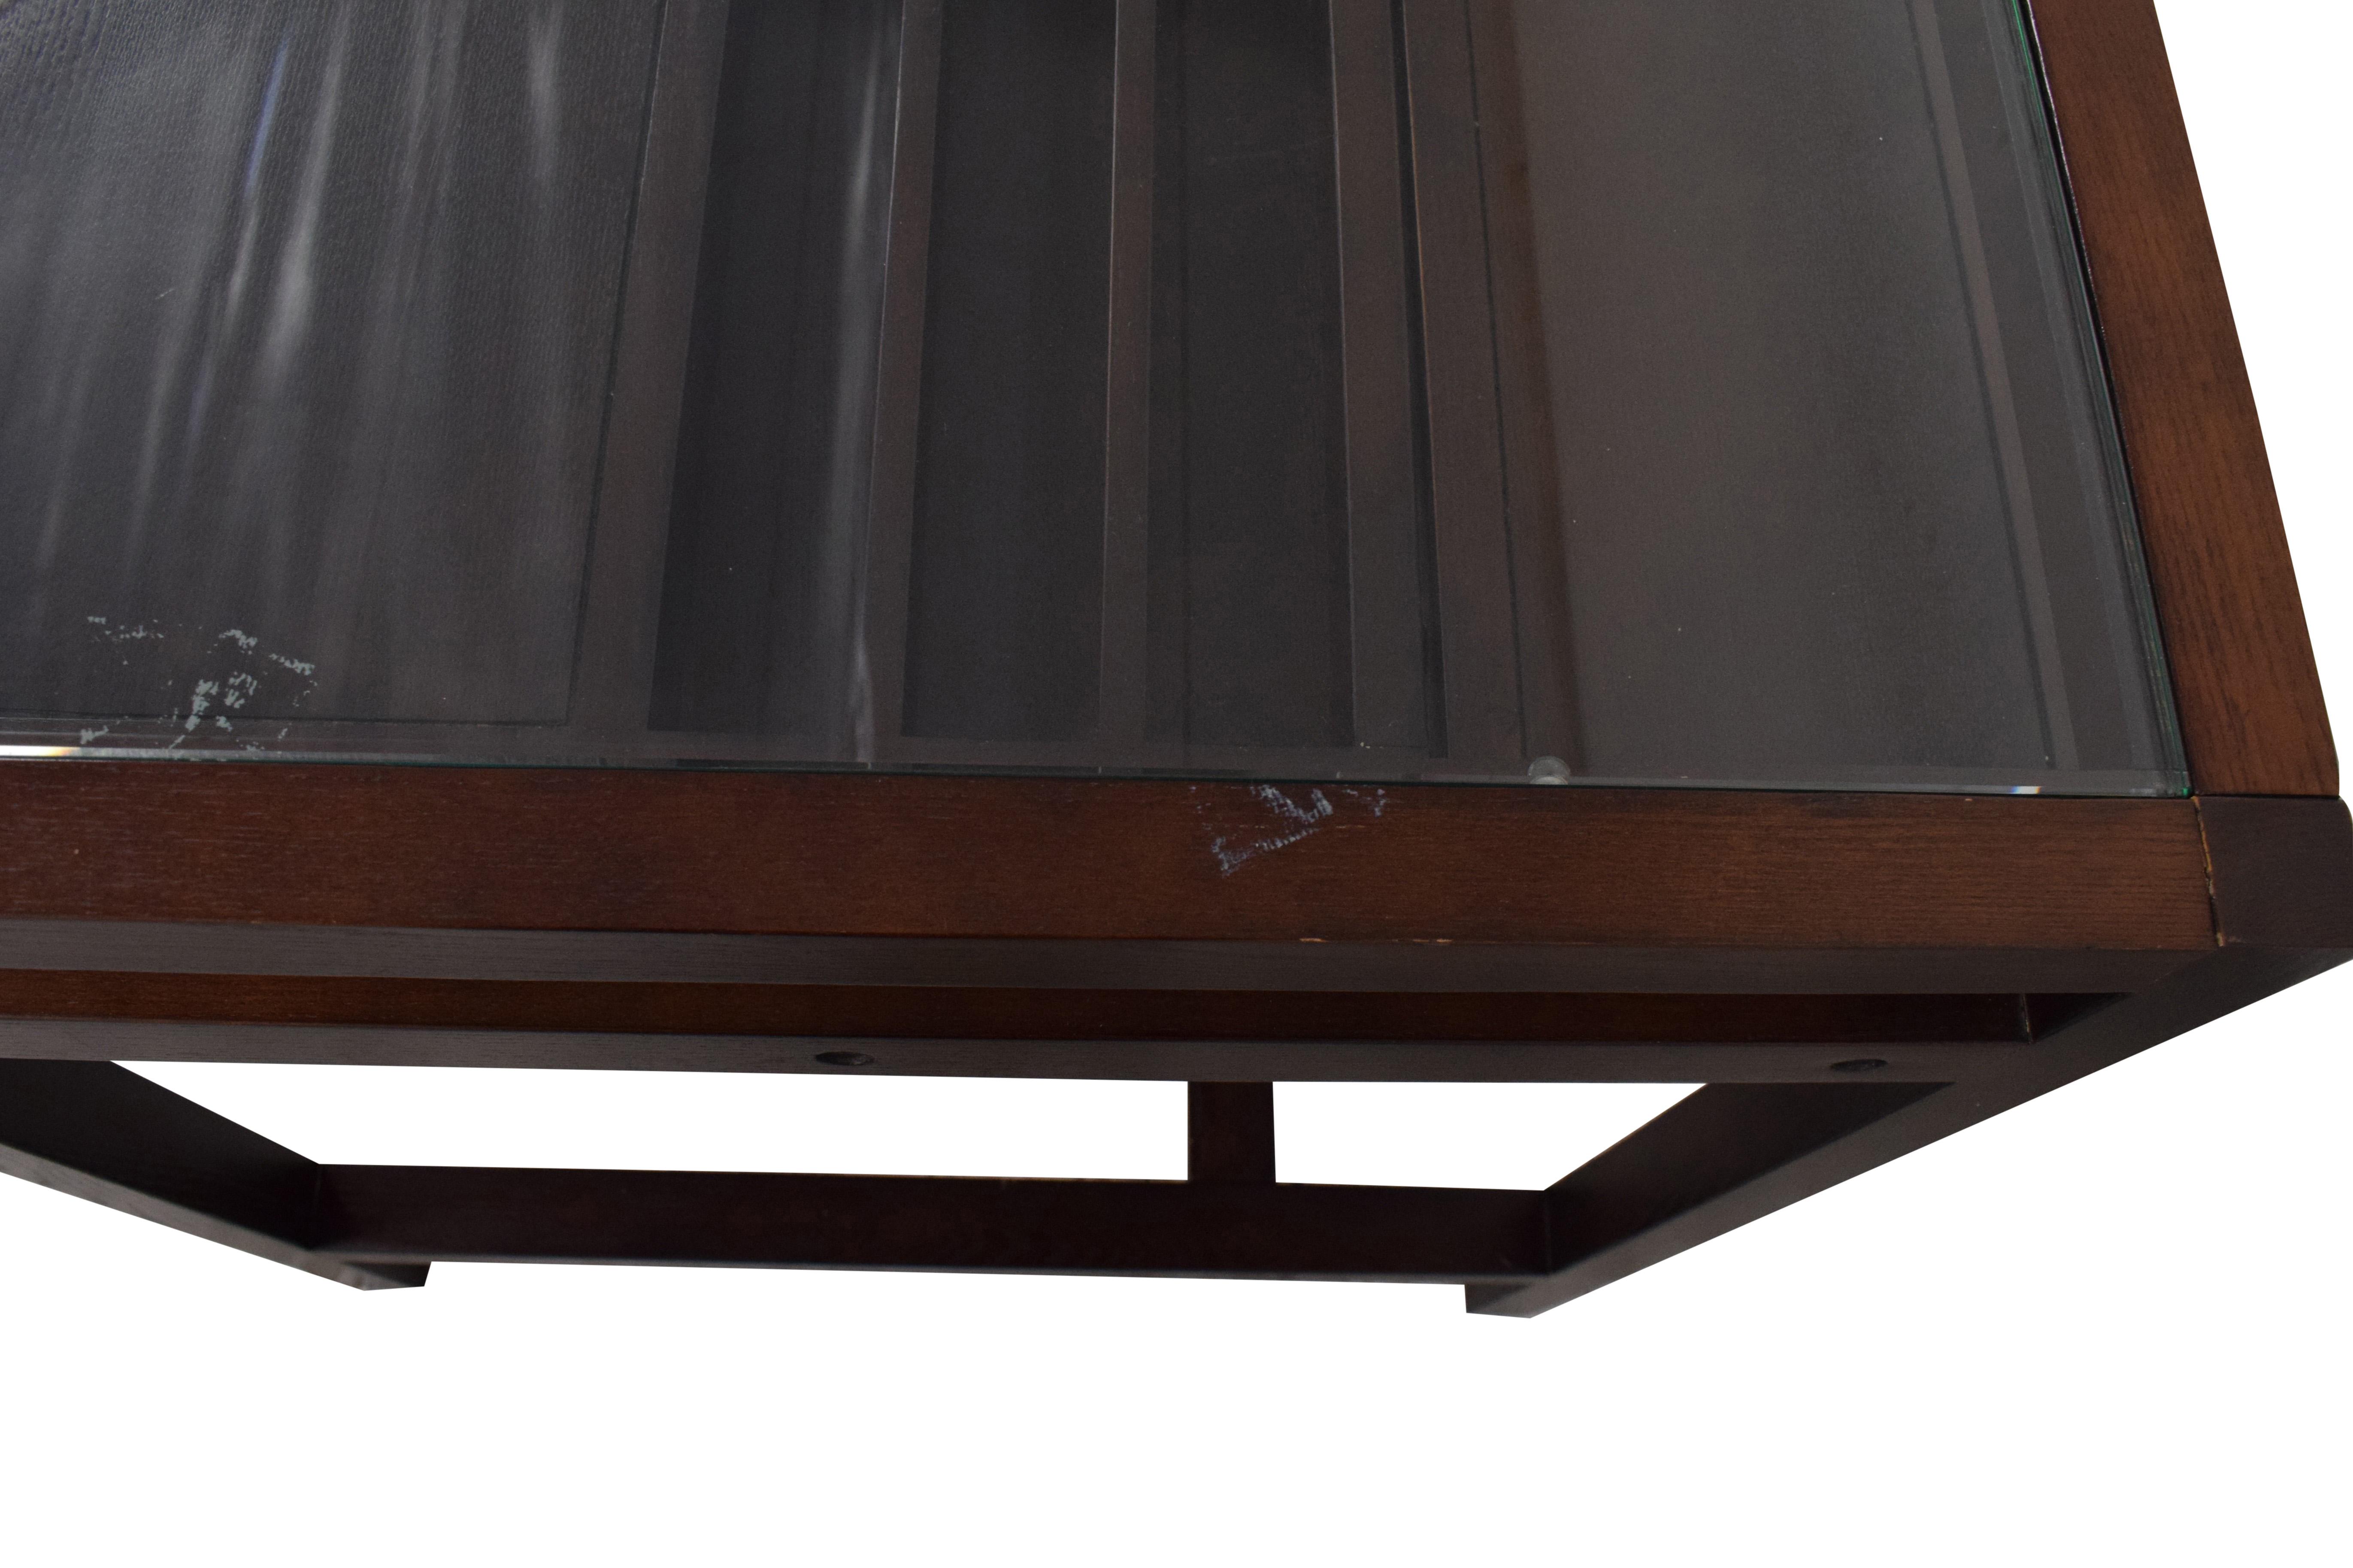 Crate & Barrel Crate & Barrel Drake Table Home Office Desks